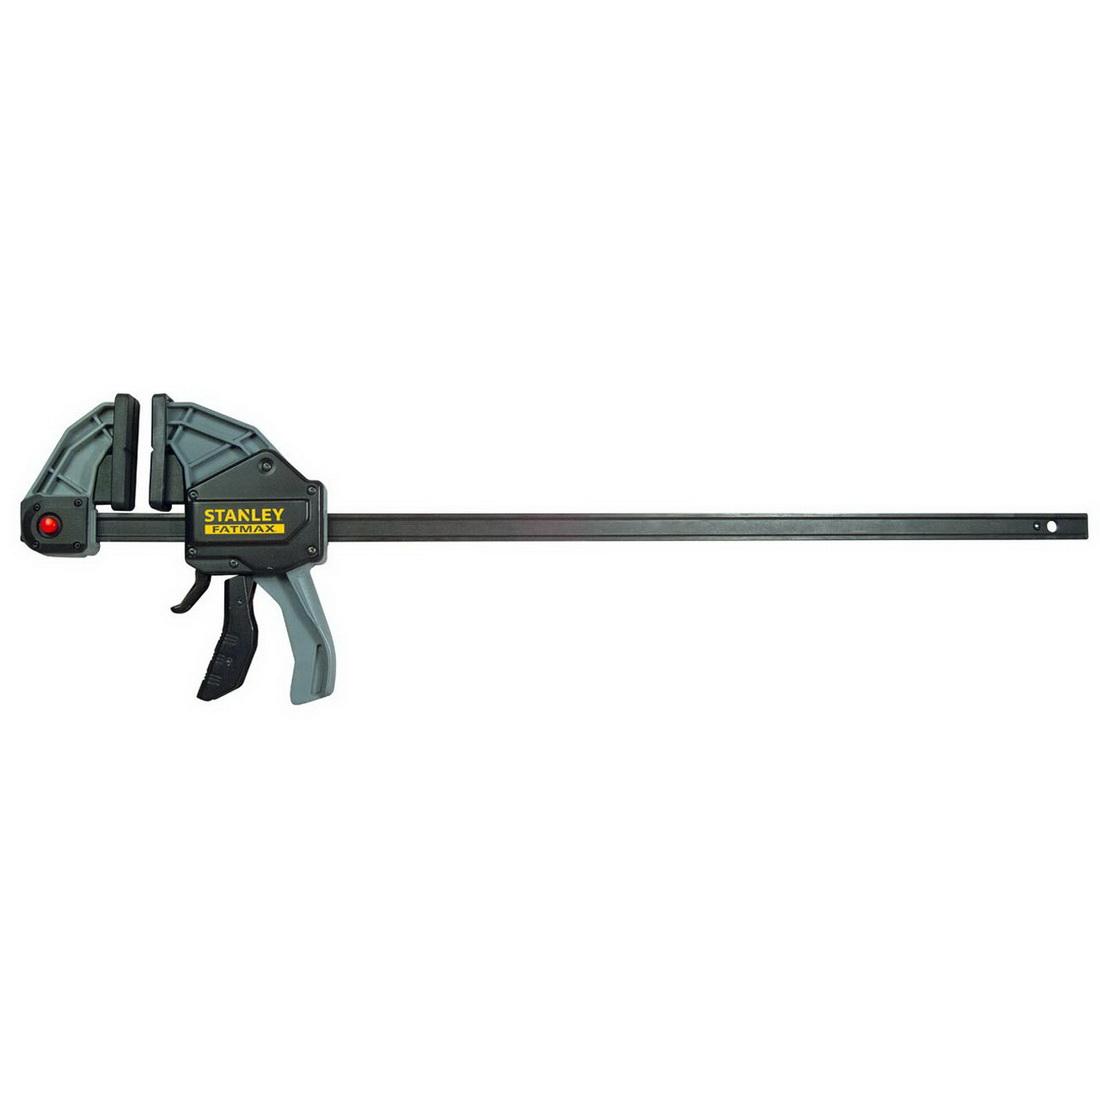 Fatmax XL 450mm Trigger Bar Clamp